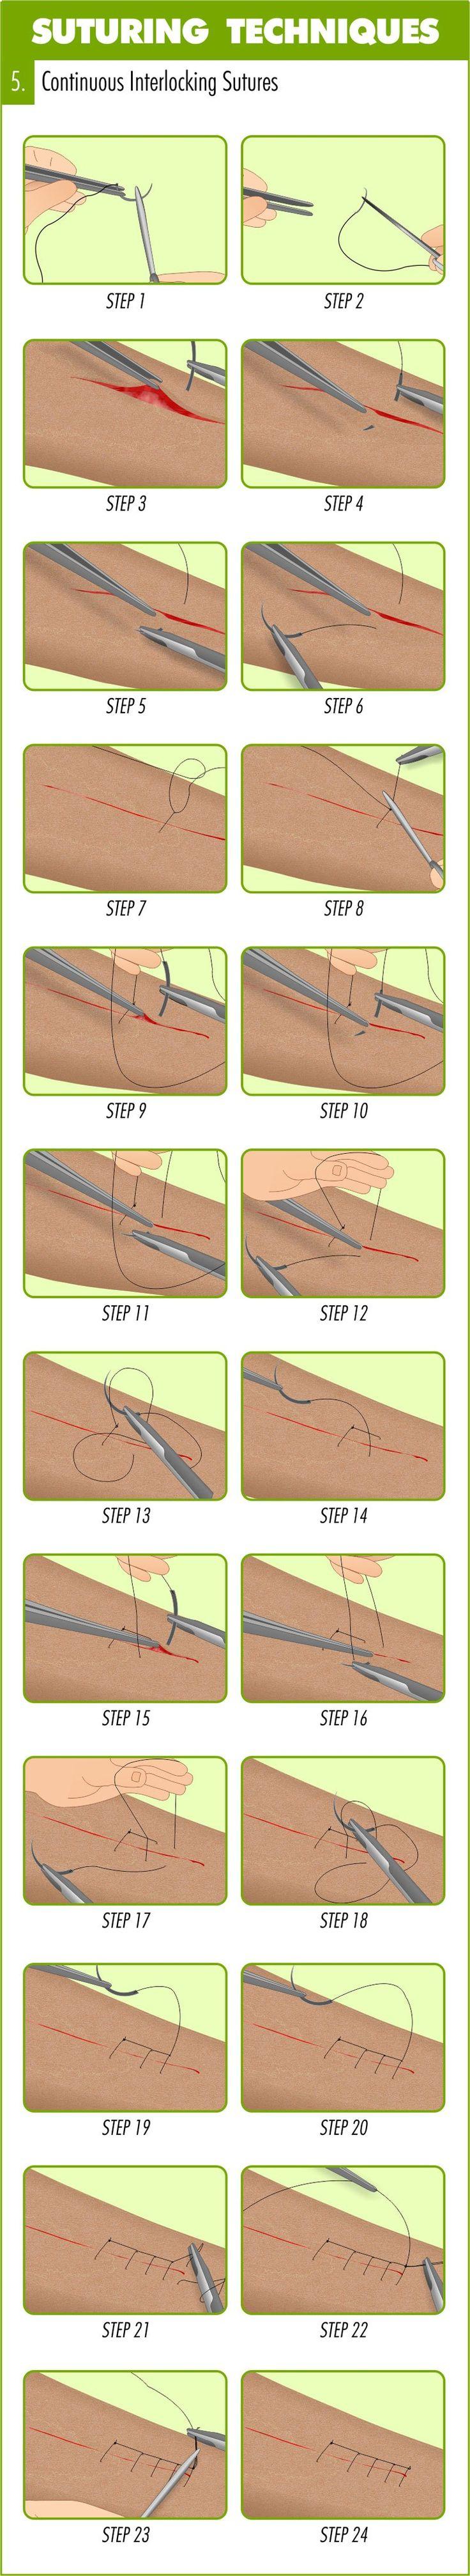 Continuous Interlocking Suture Suturing Technique